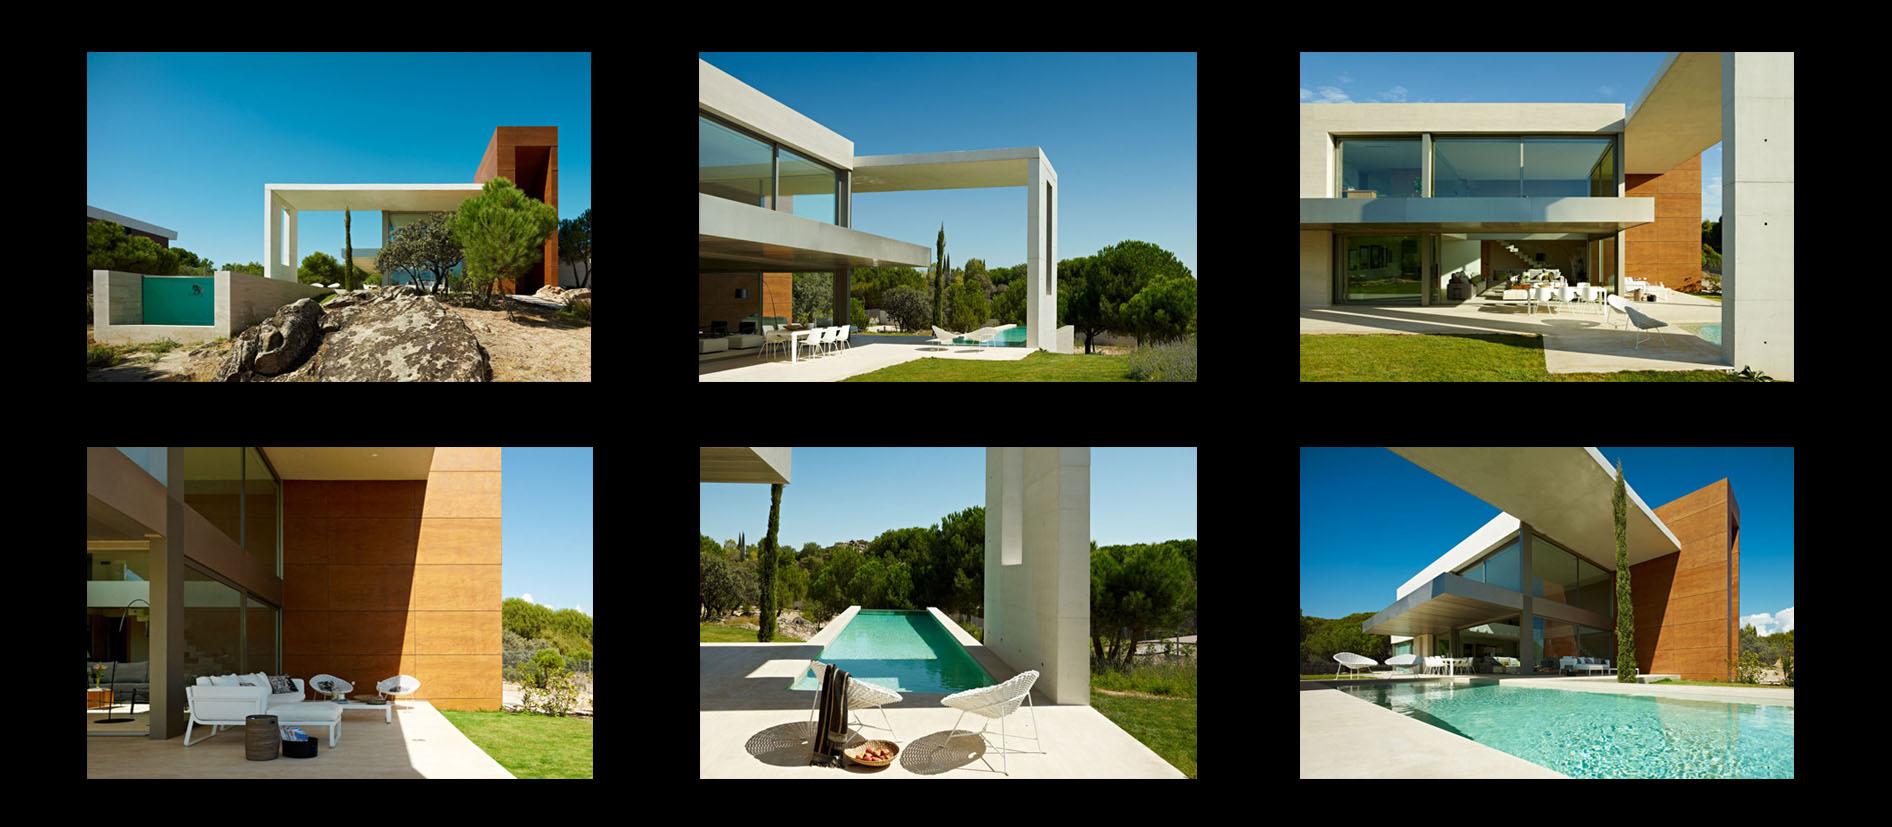 proyecto-realizado-vivienda-exclusiva-madrid-ubicacion-construcciones-amb-segovi